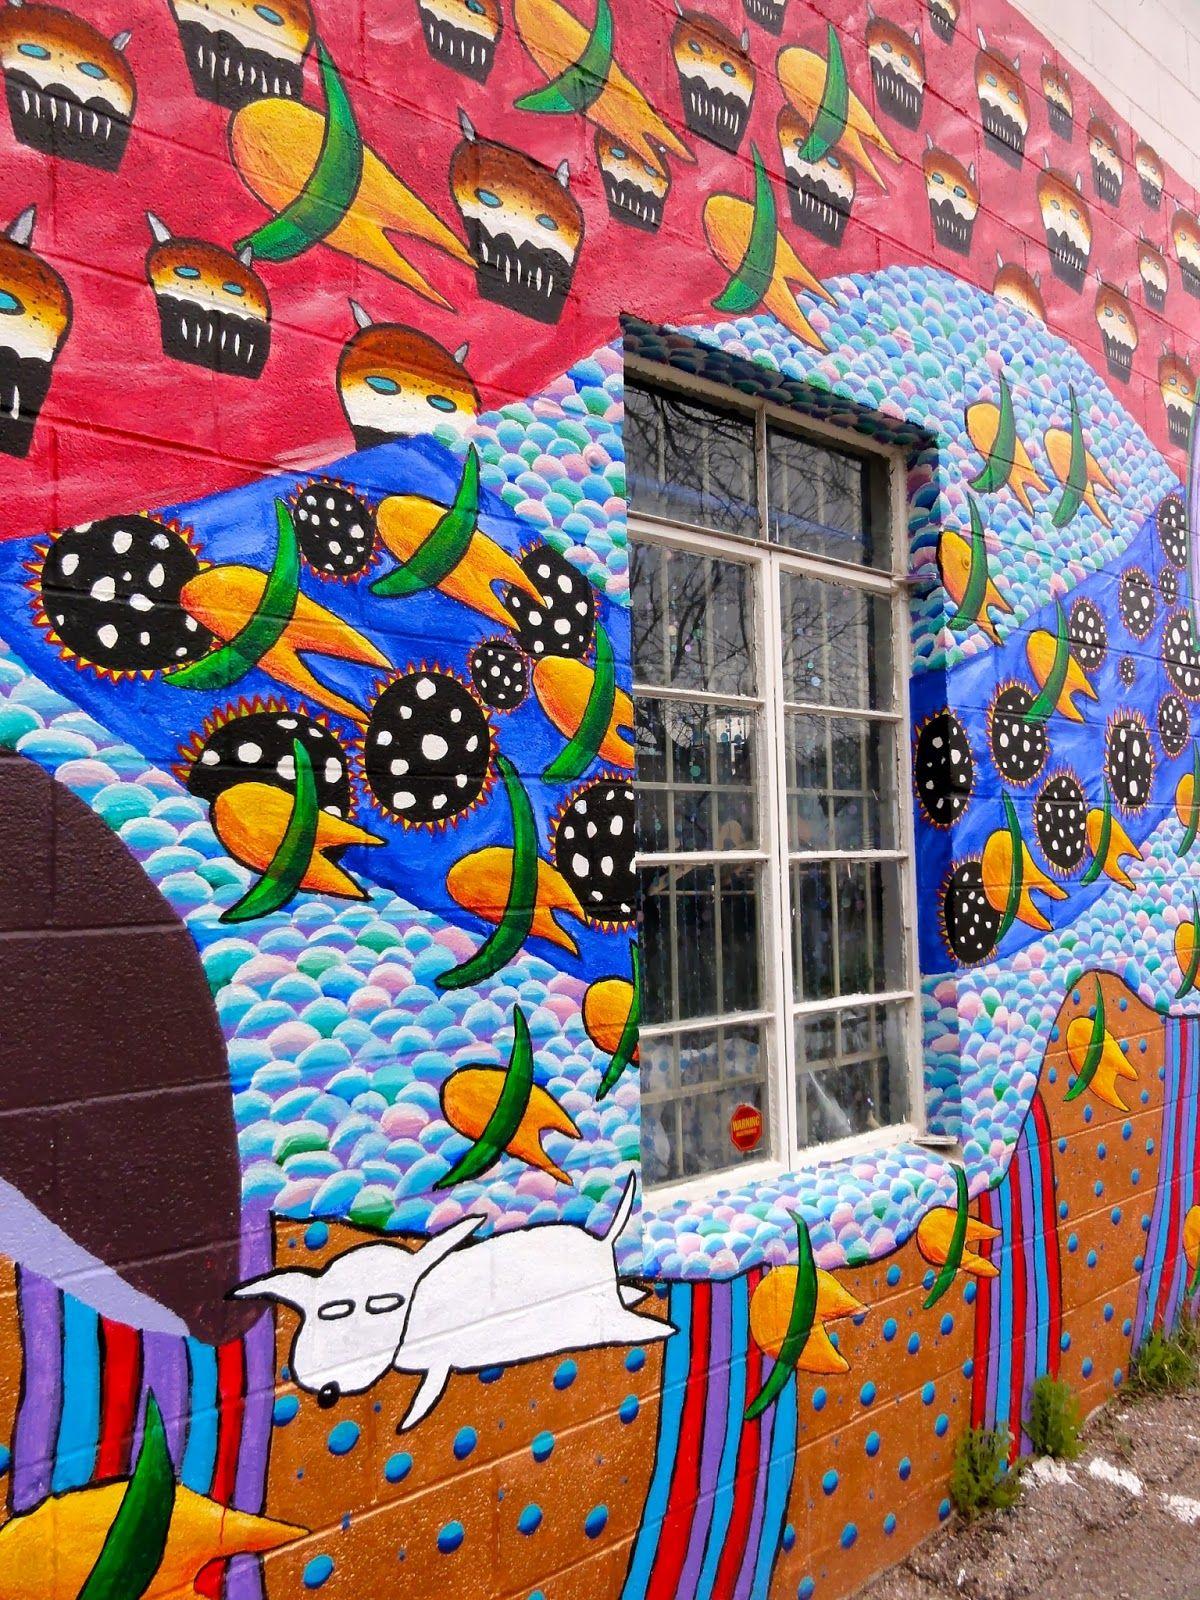 bb88d9954a2 Exploring Austin s Street Art